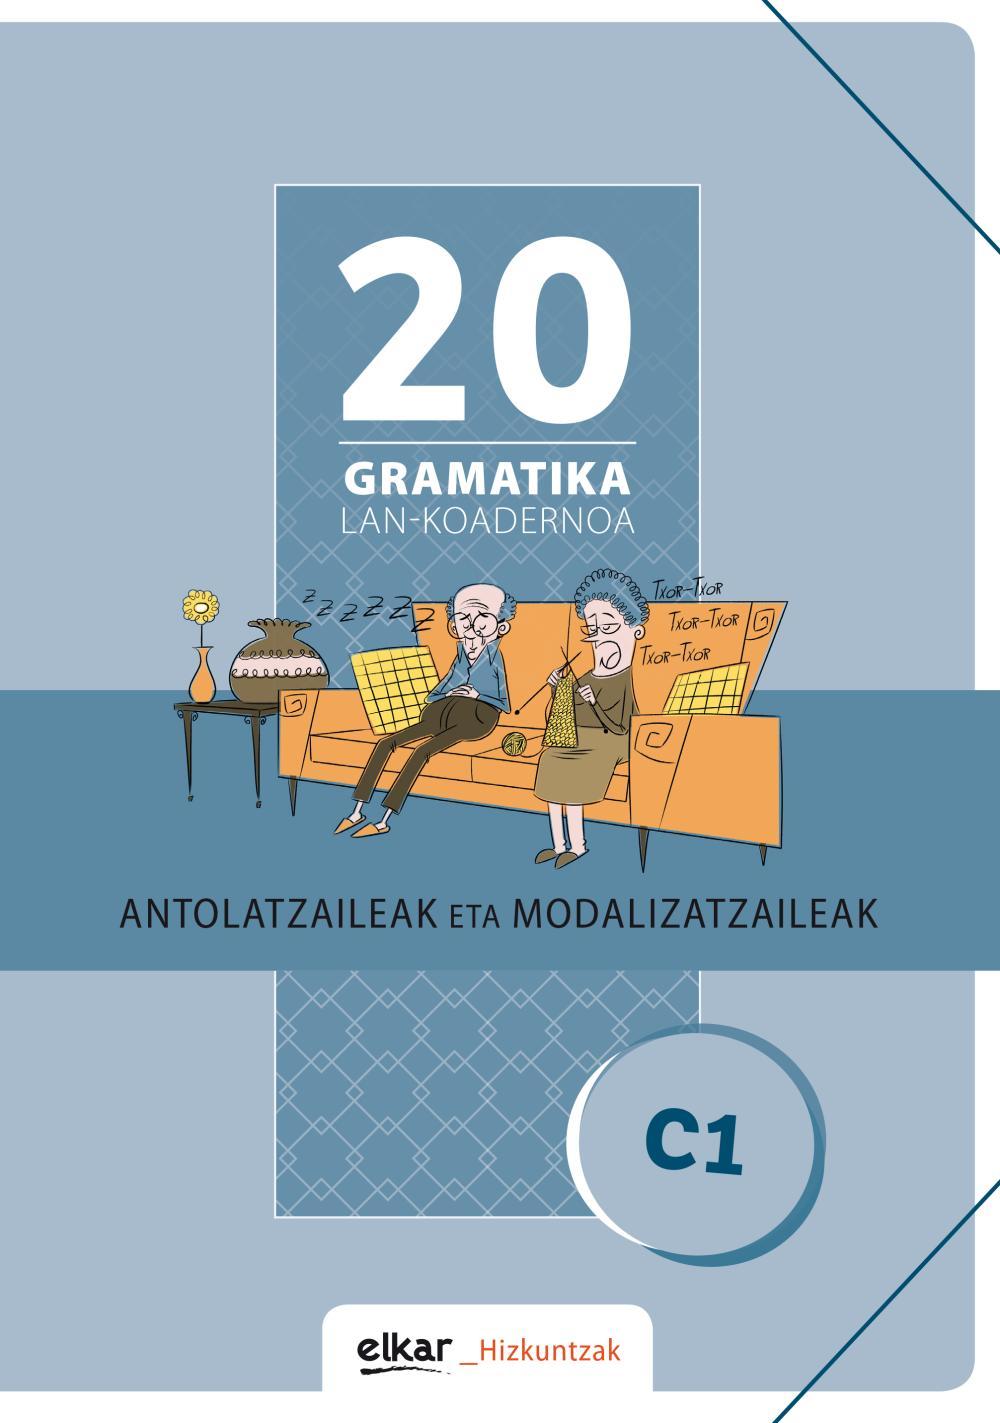 Gramatika Lan-Koadernoa 20 (C1). Antolatzaileak eta modalizatzaileak